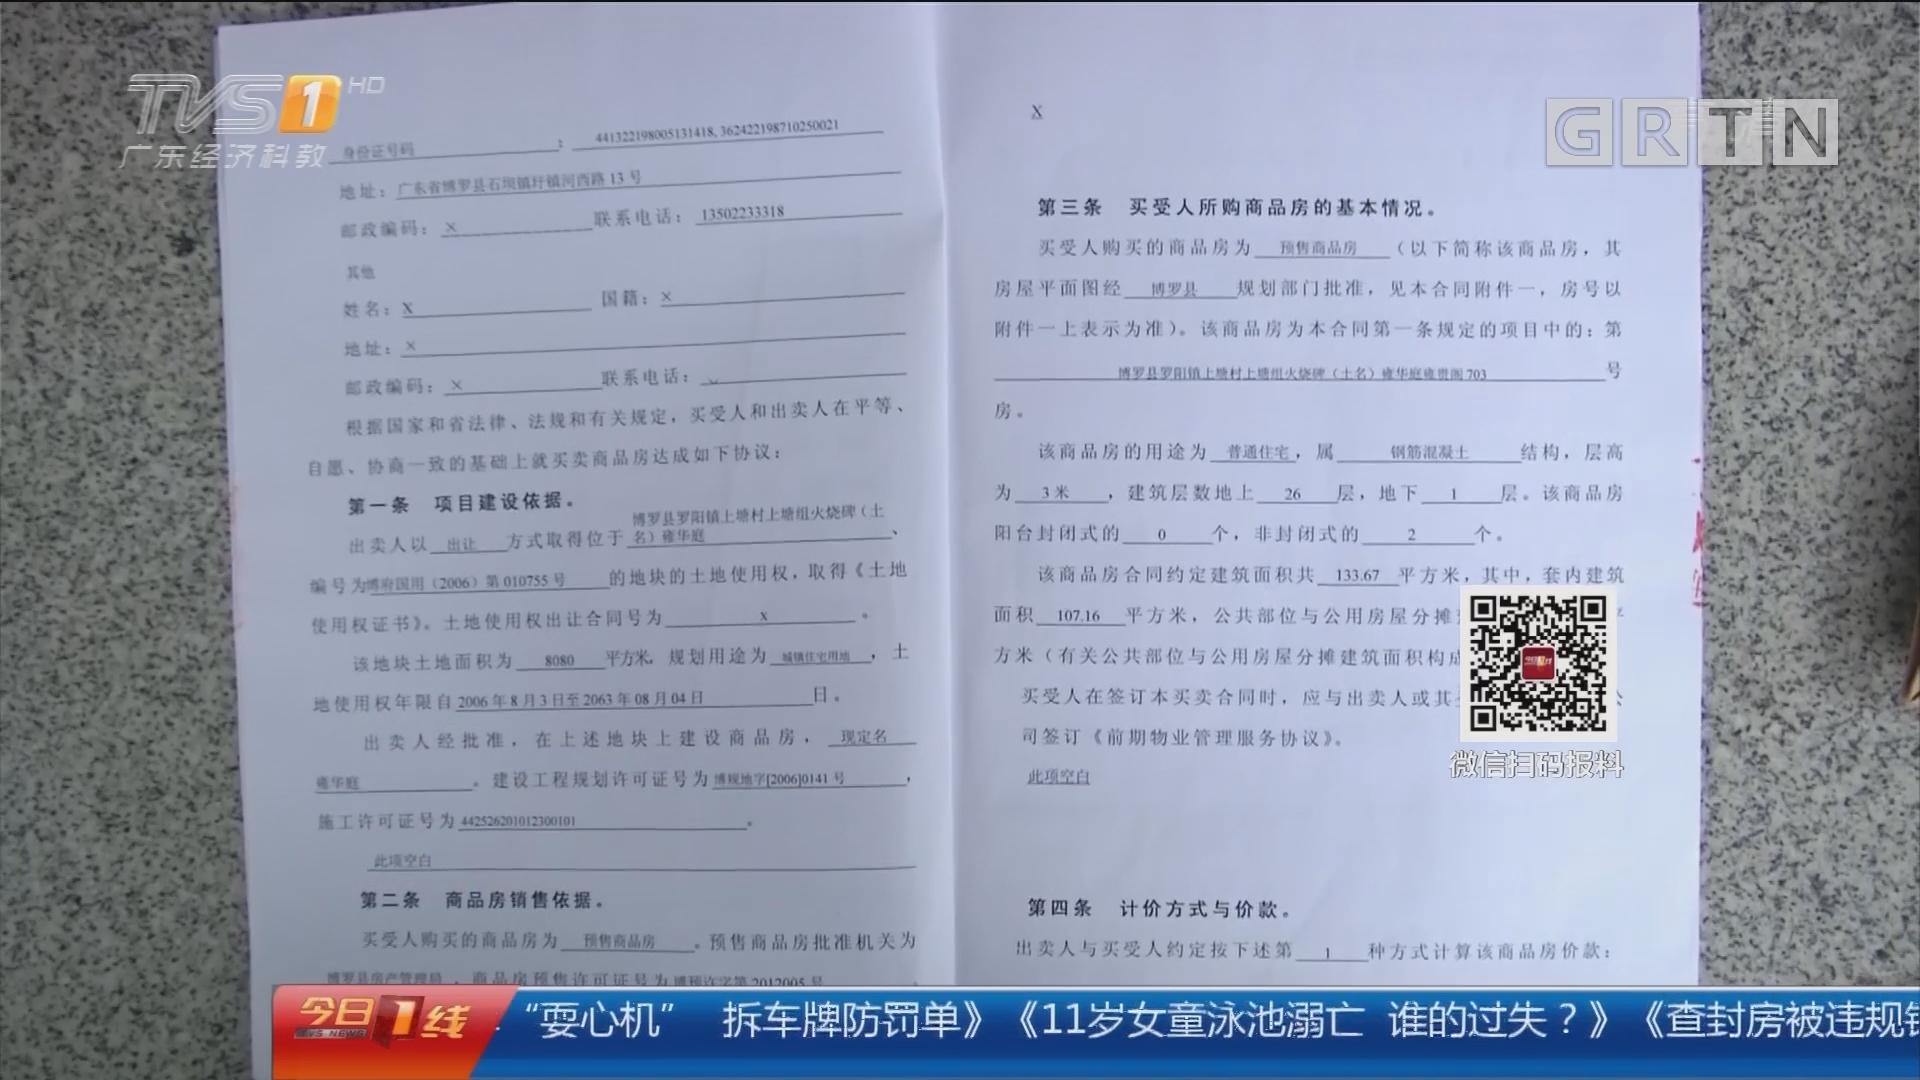 惠州博罗:查封房被违规销售 47万首付打水漂?